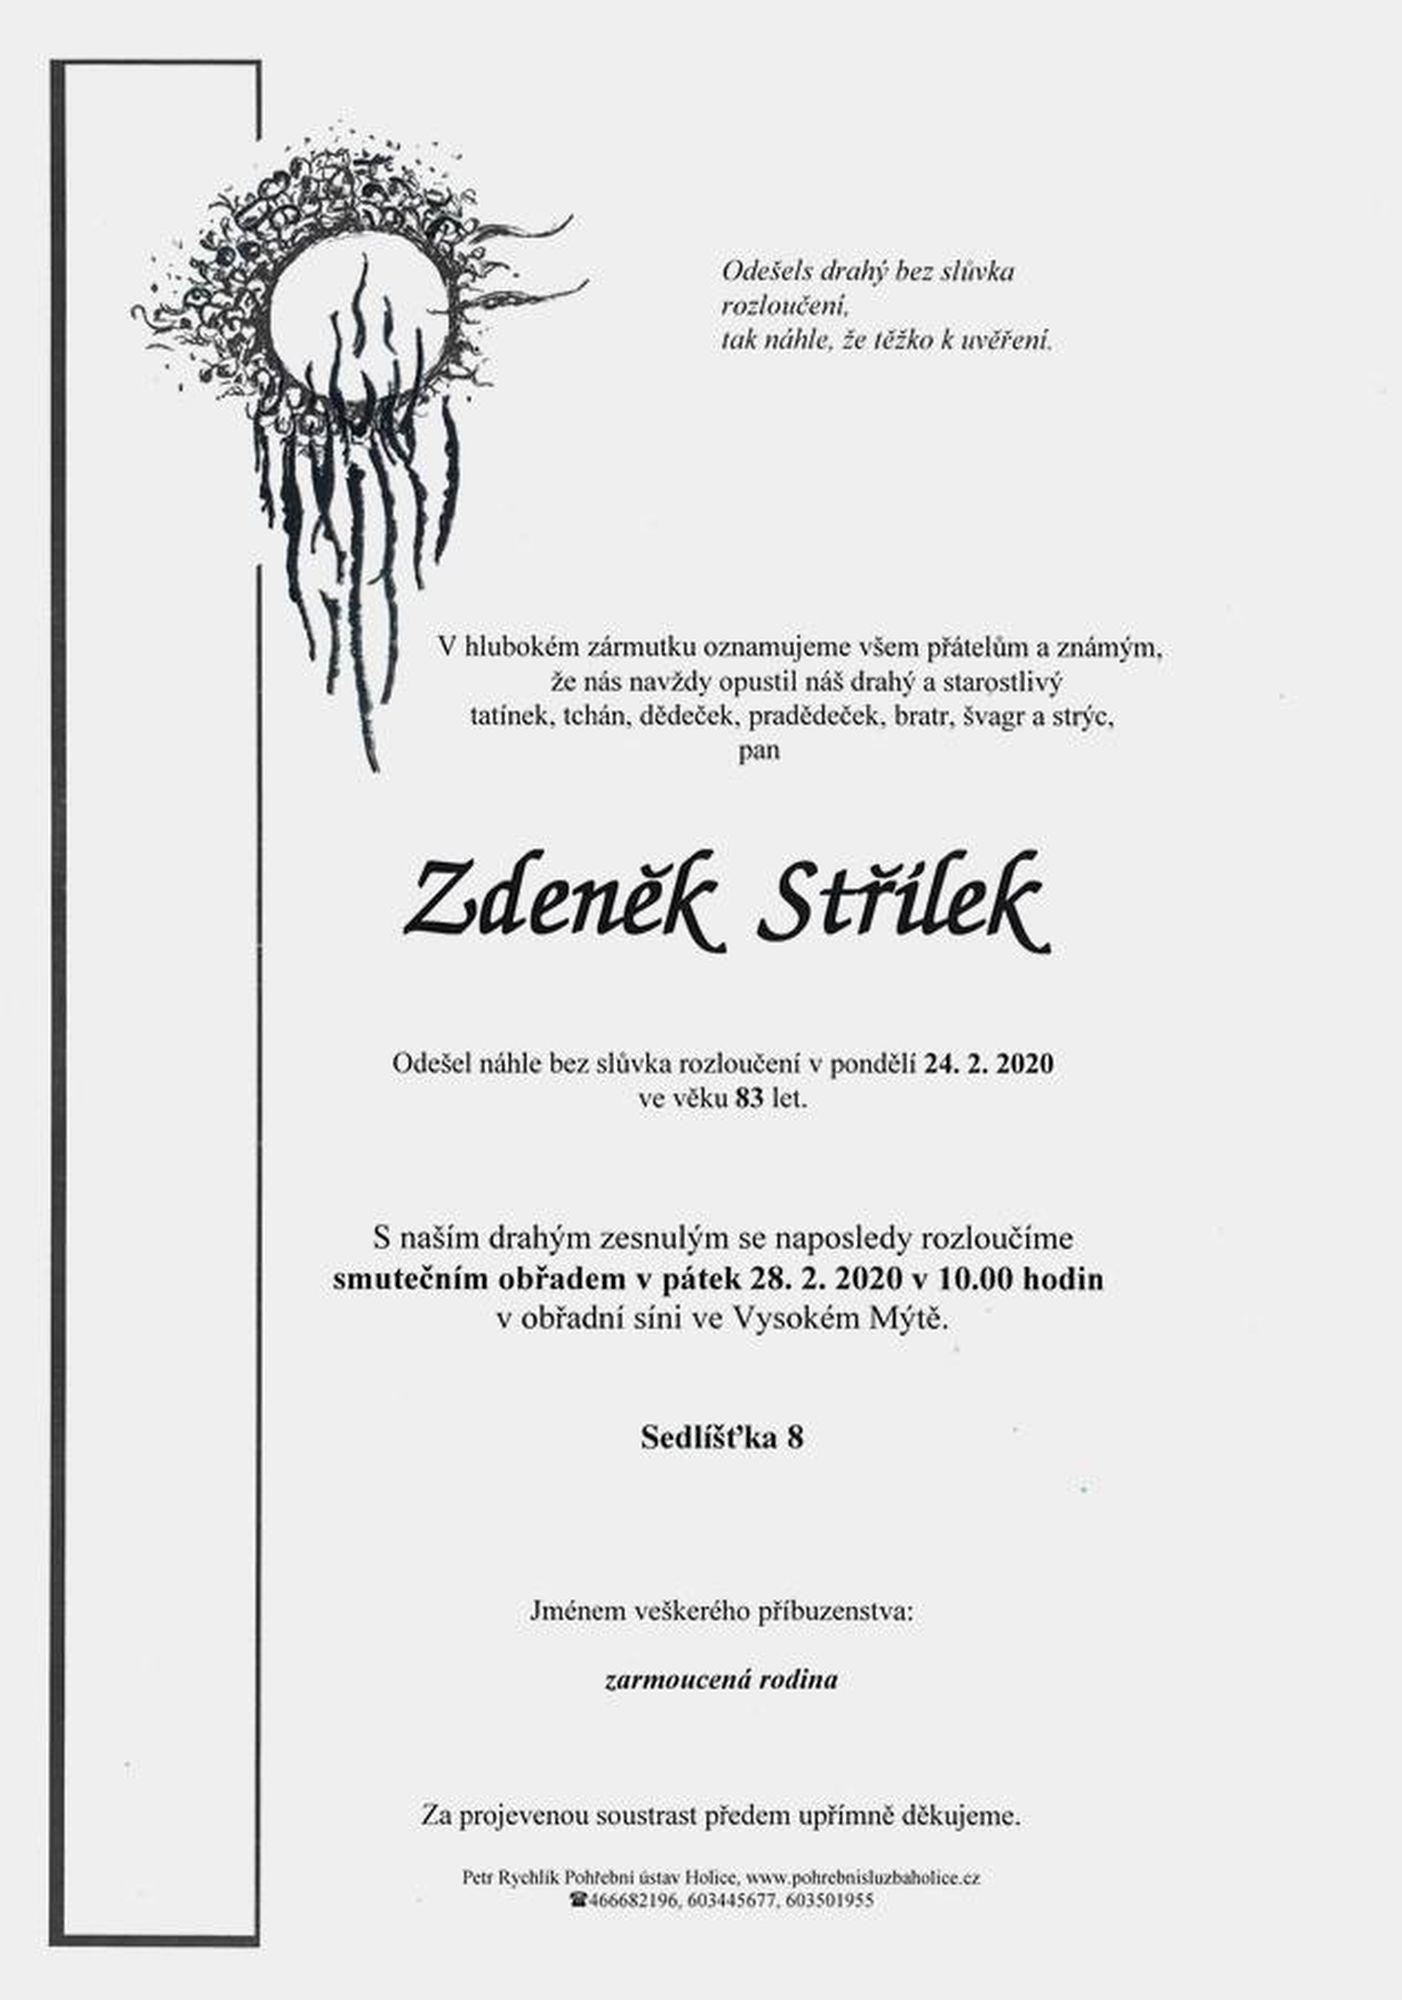 Zdeněk Střílek